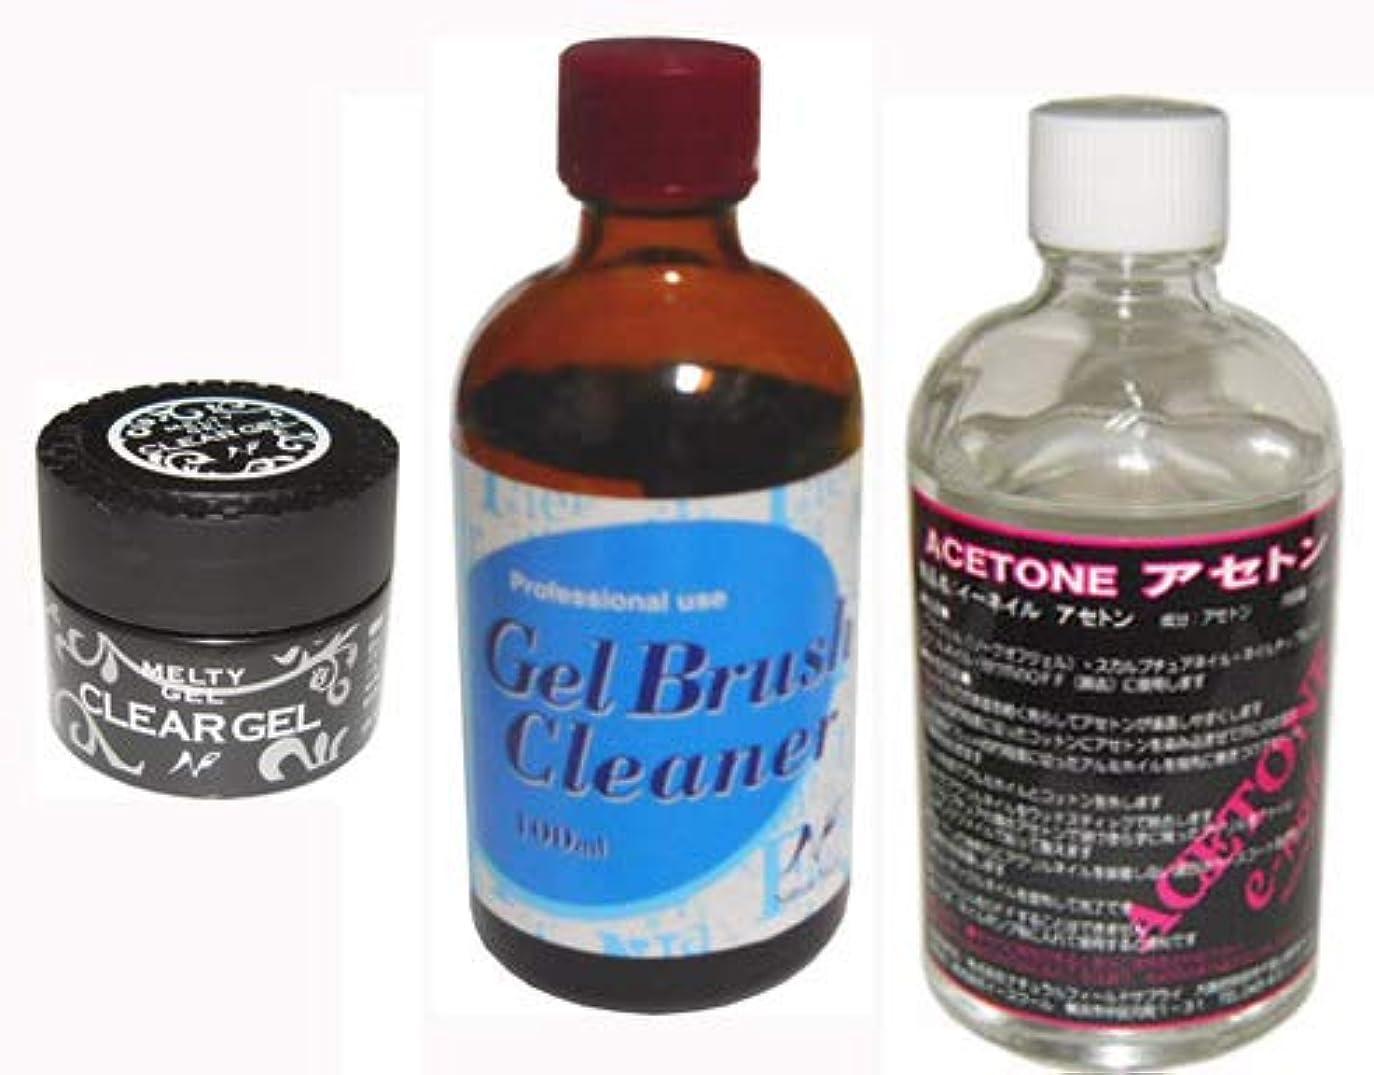 怒る一部縁石Melty Gel クリアジェル 14g JNAジェルネイル検定指定製品+ジェルブラシクリーナー+アセトン ???